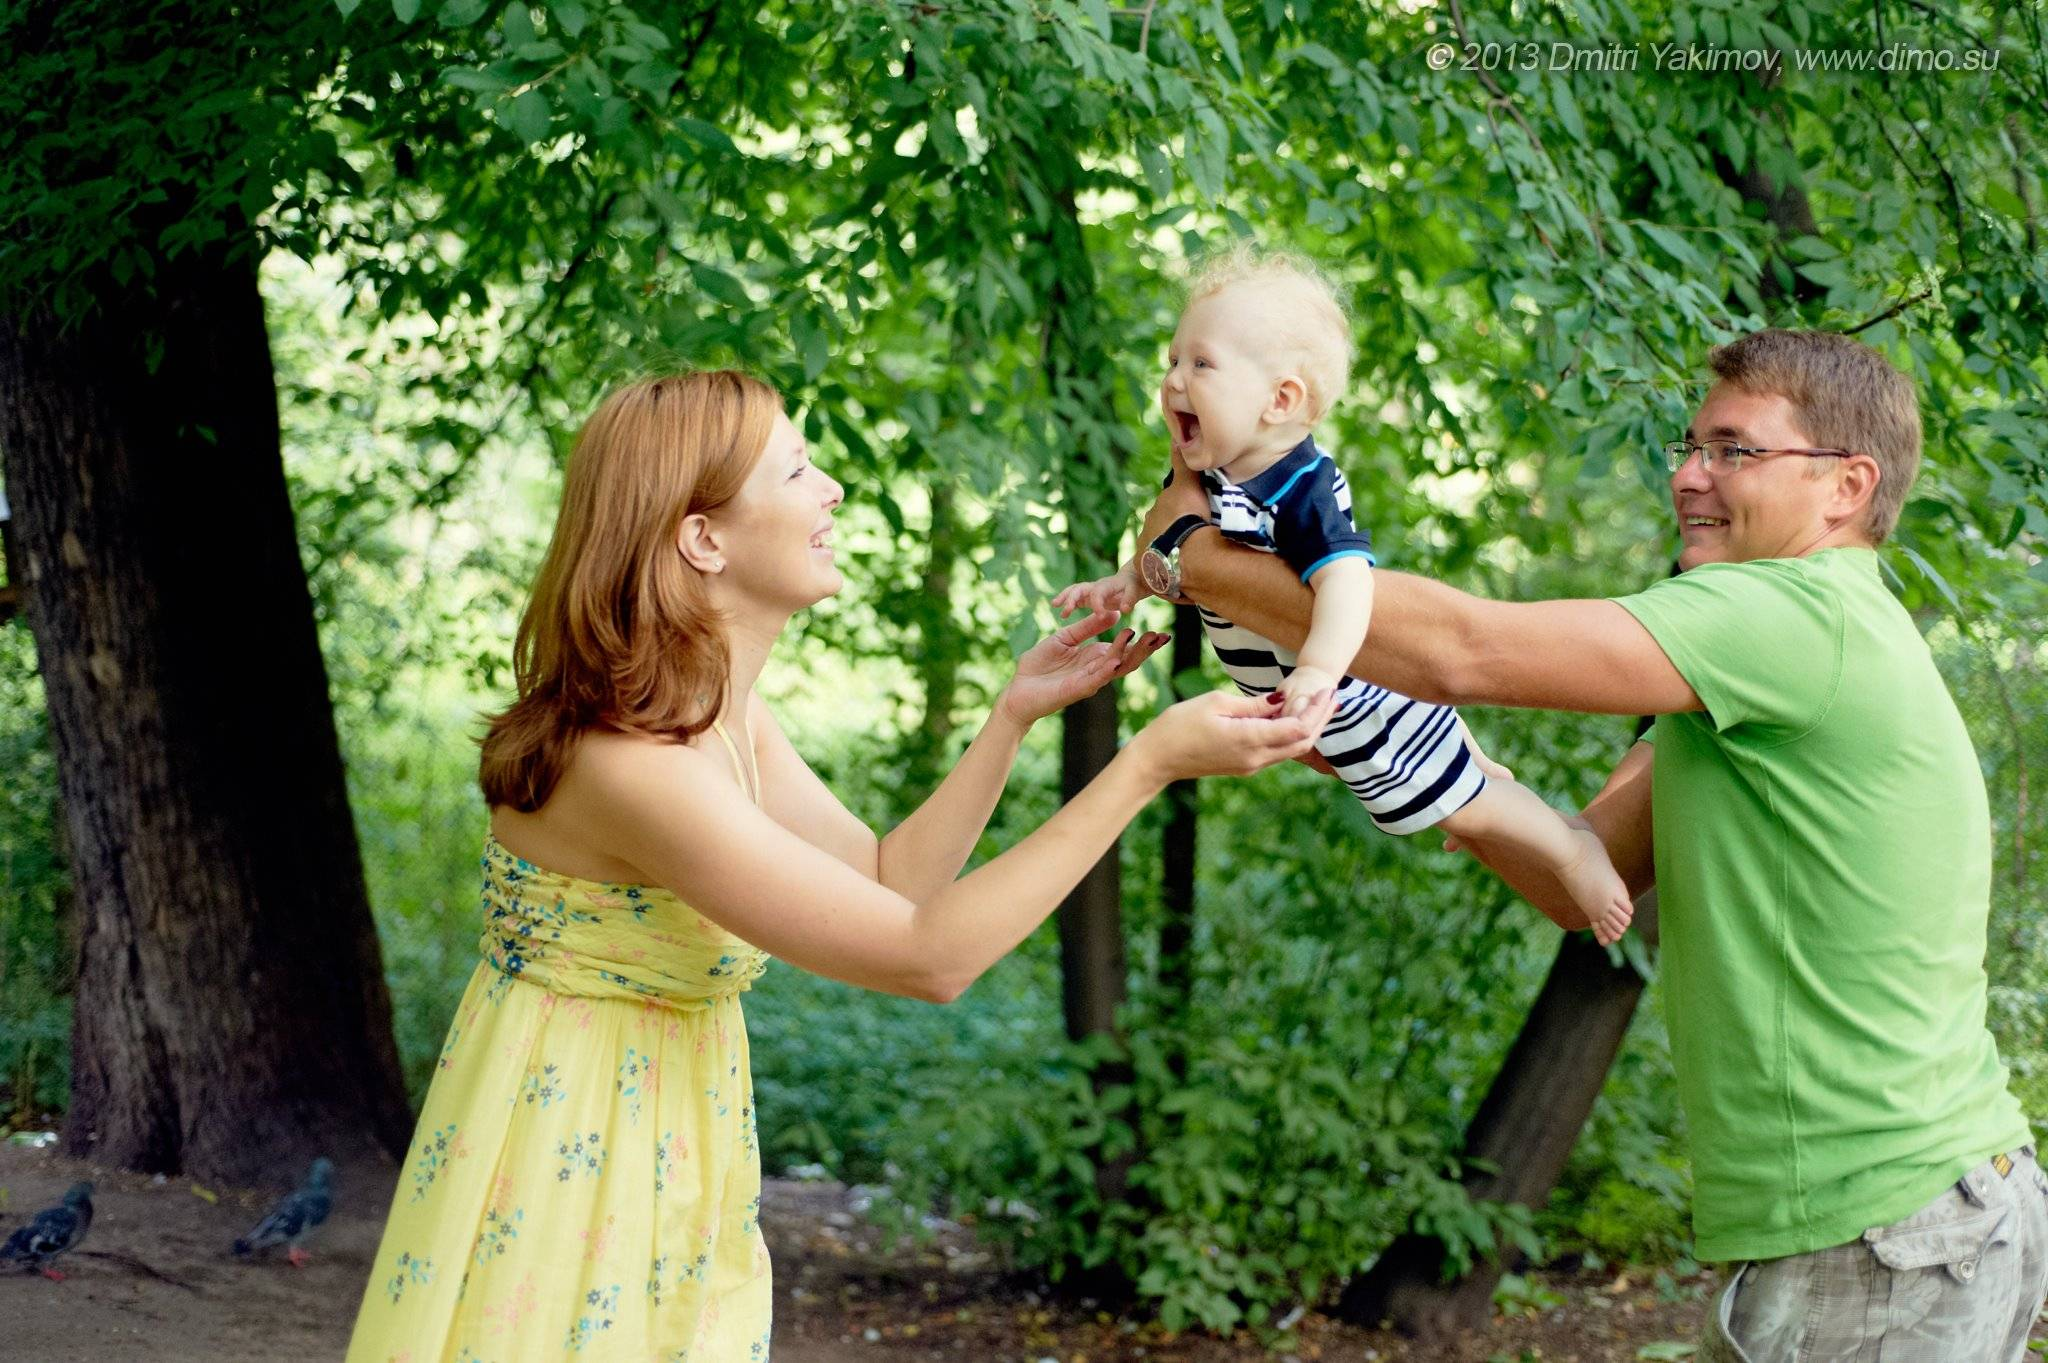 Фото с годовалым ребенком на природе